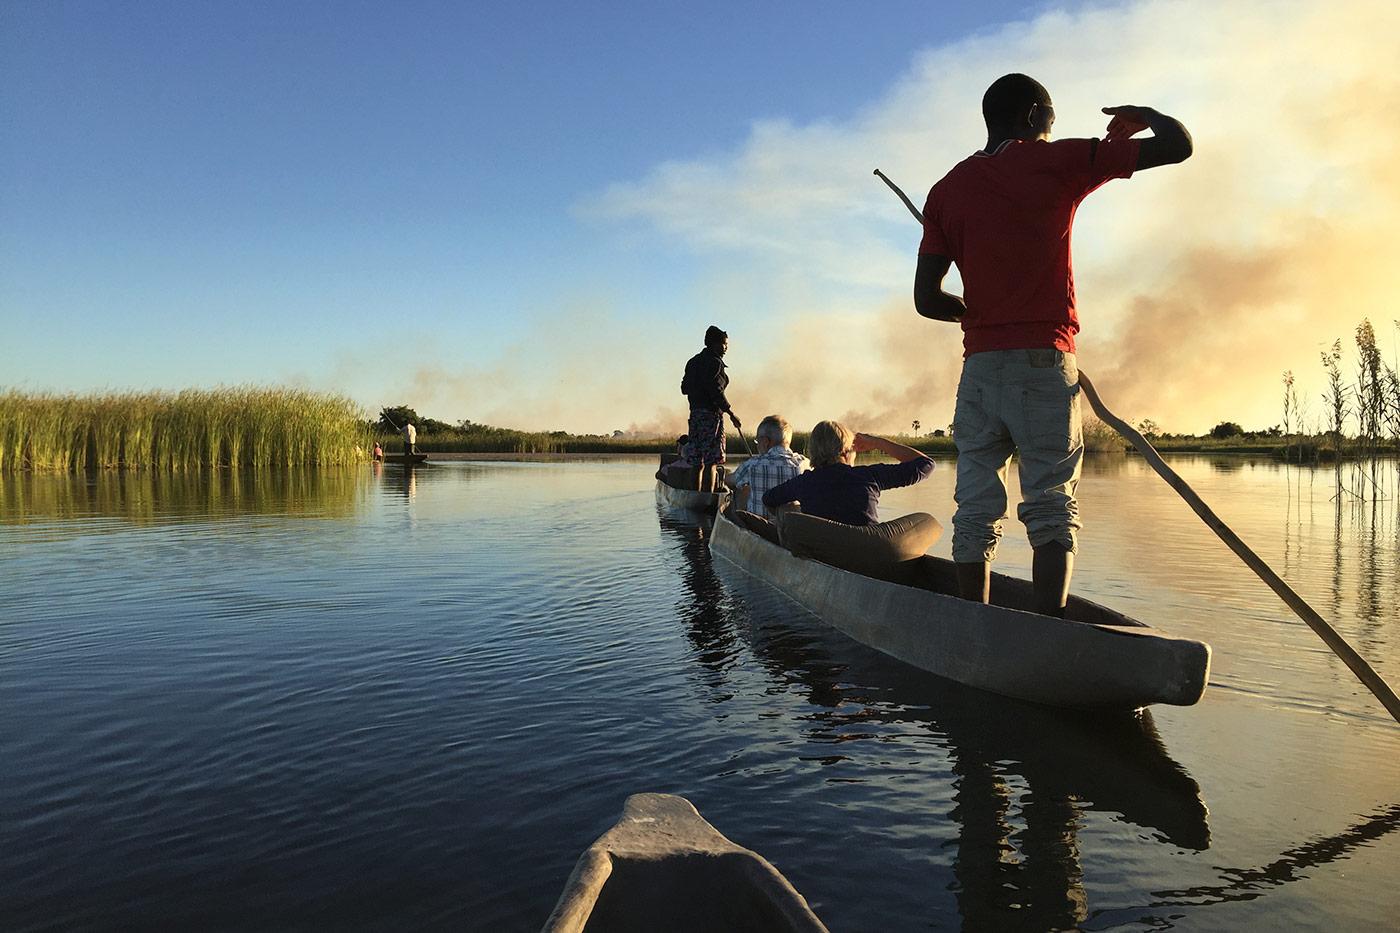 Während des Aufenthalts im Okavango-Delta geht es zu Fuß und im traditionellen Mokoro auf die Pirsch. Dabei wird von den einheimischen Polern (Mokoroführern) und Campbetreuern einiges über die Flora und Fauna Botswanas gelernt. Am abendlichen Lagerfeuer k